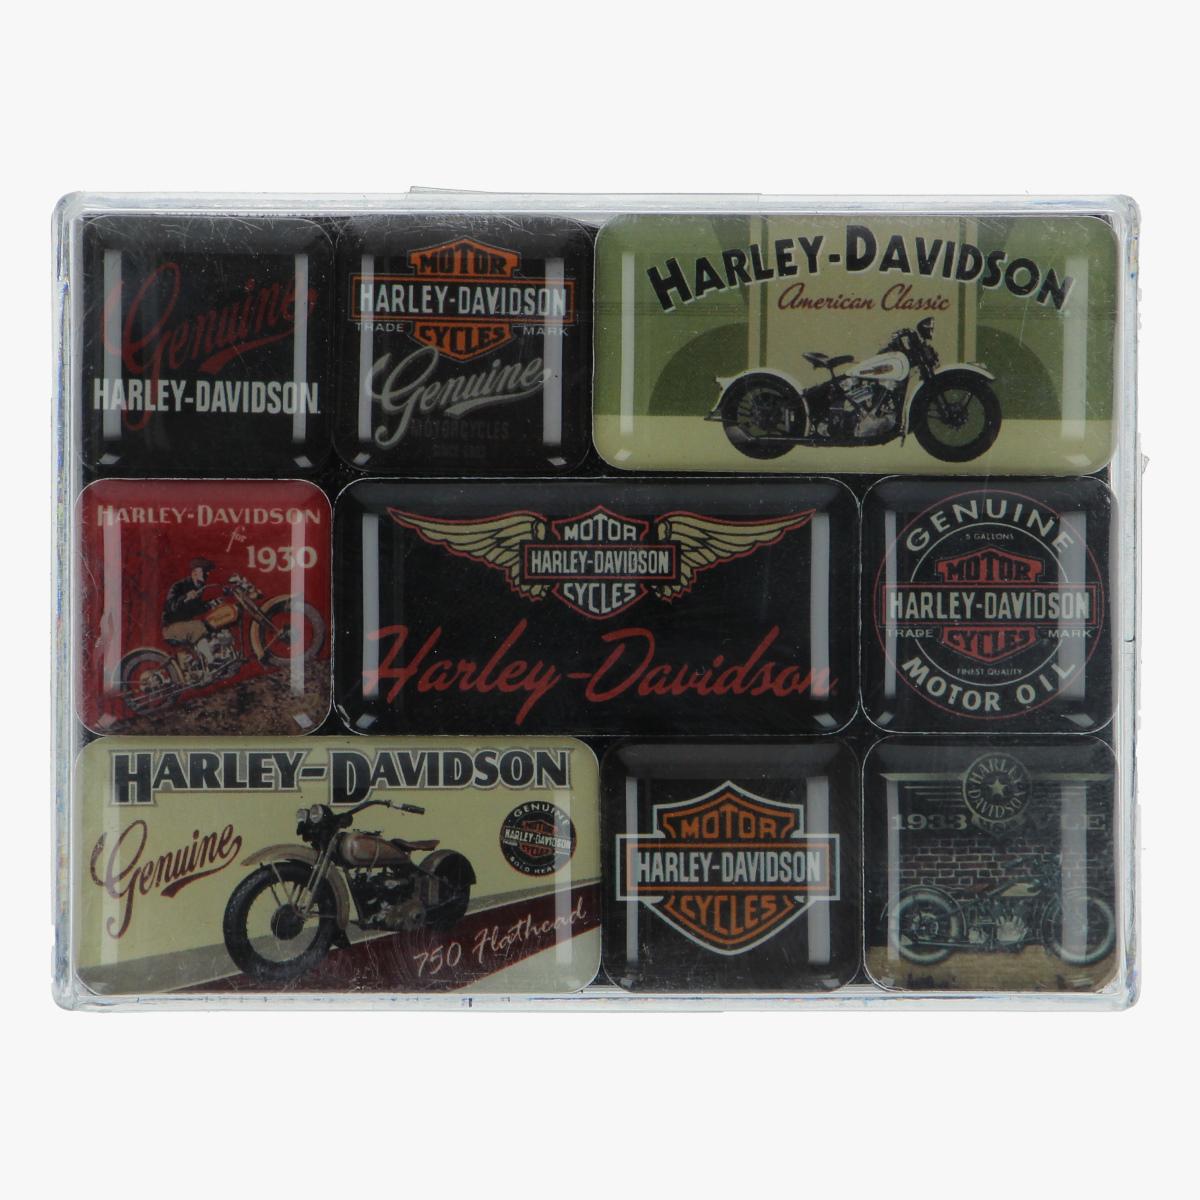 Afbeeldingen van magneetjes Harley-Davidson